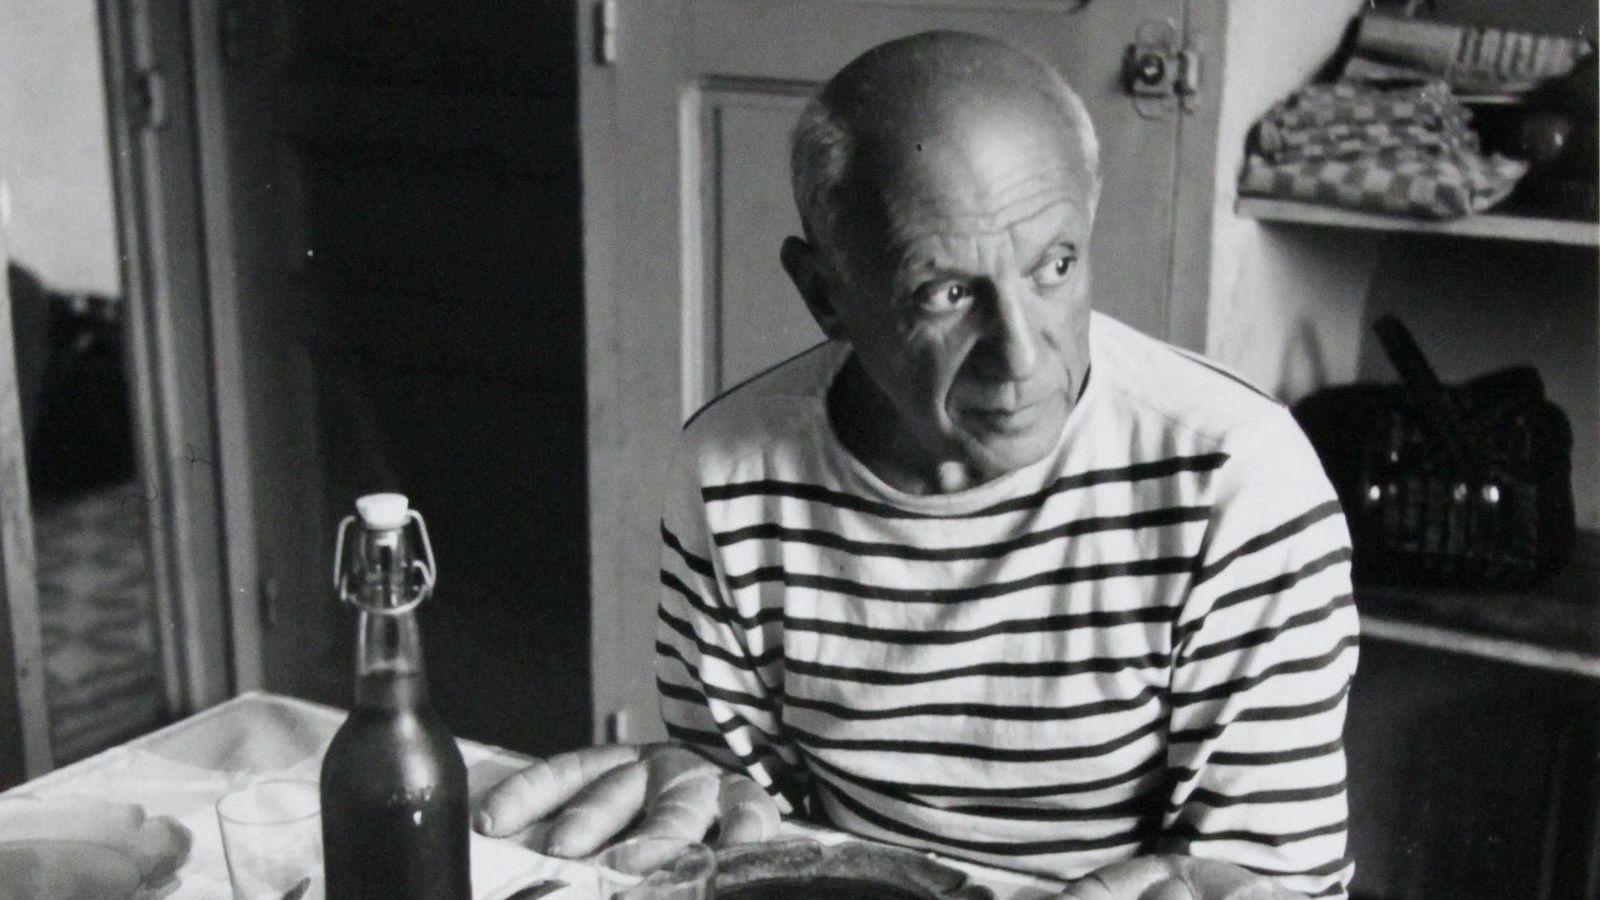 Les pains de Picasso, Vallauris 1952, ® Atelier Robert Doisneau